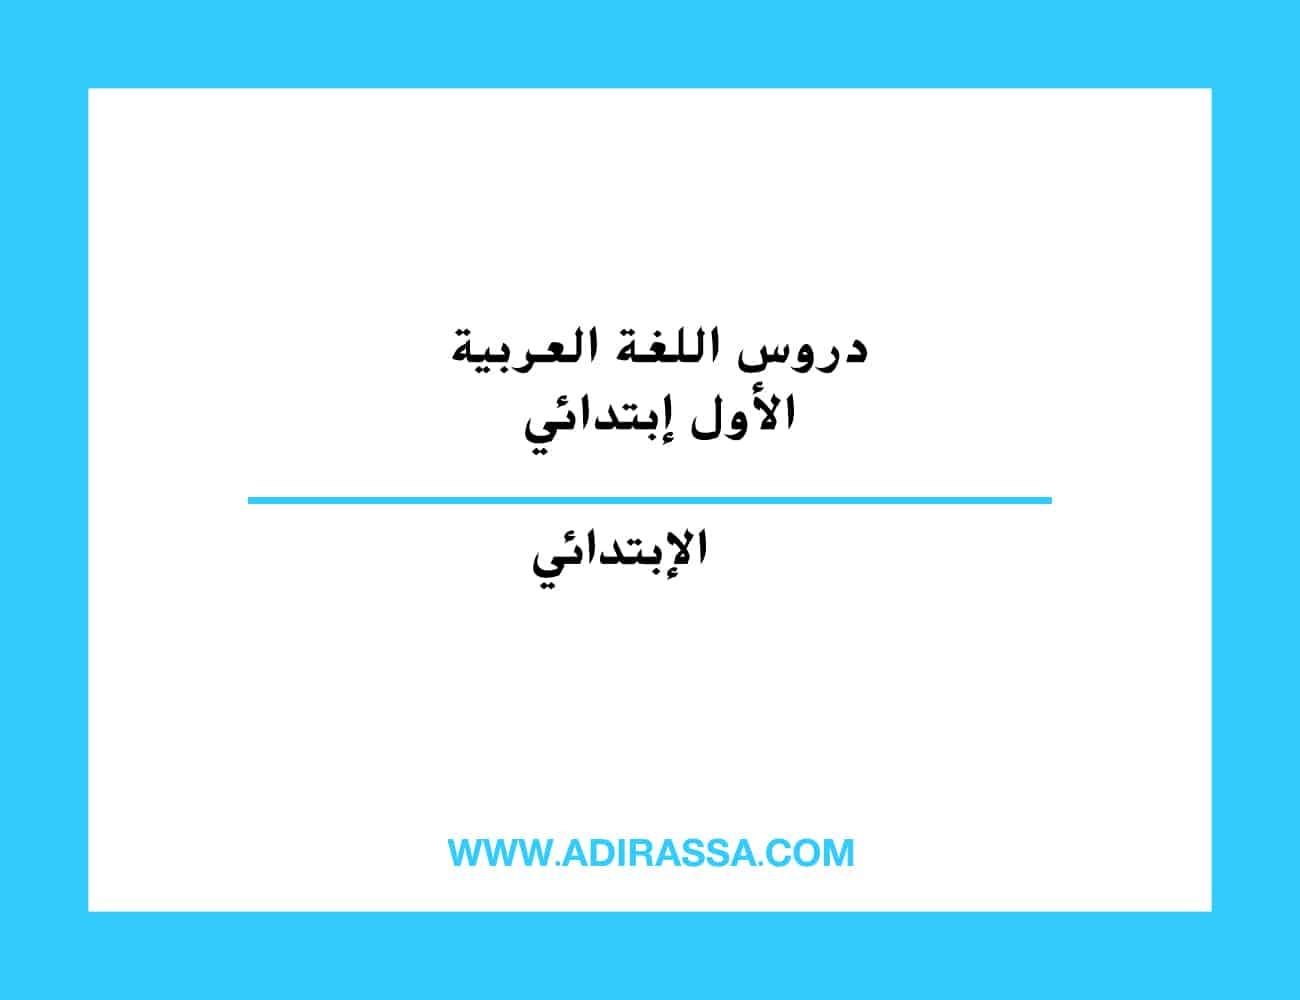 دروس اللغة العربية الأول ابتدائي المقررة بالمدرسة المغربية